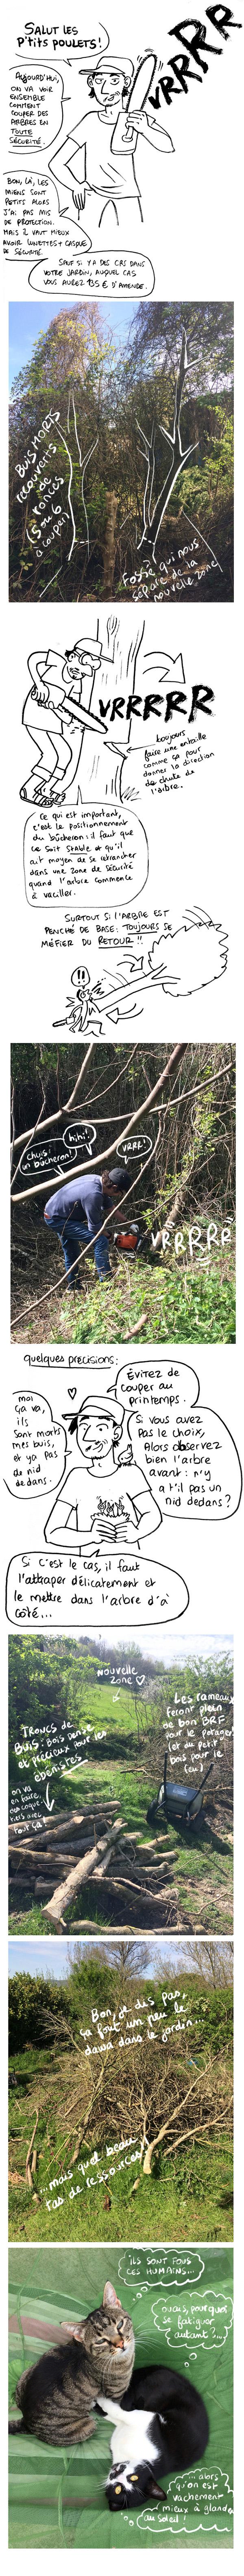 http://melaka.free.fr/blog/bucheronnage.jpg